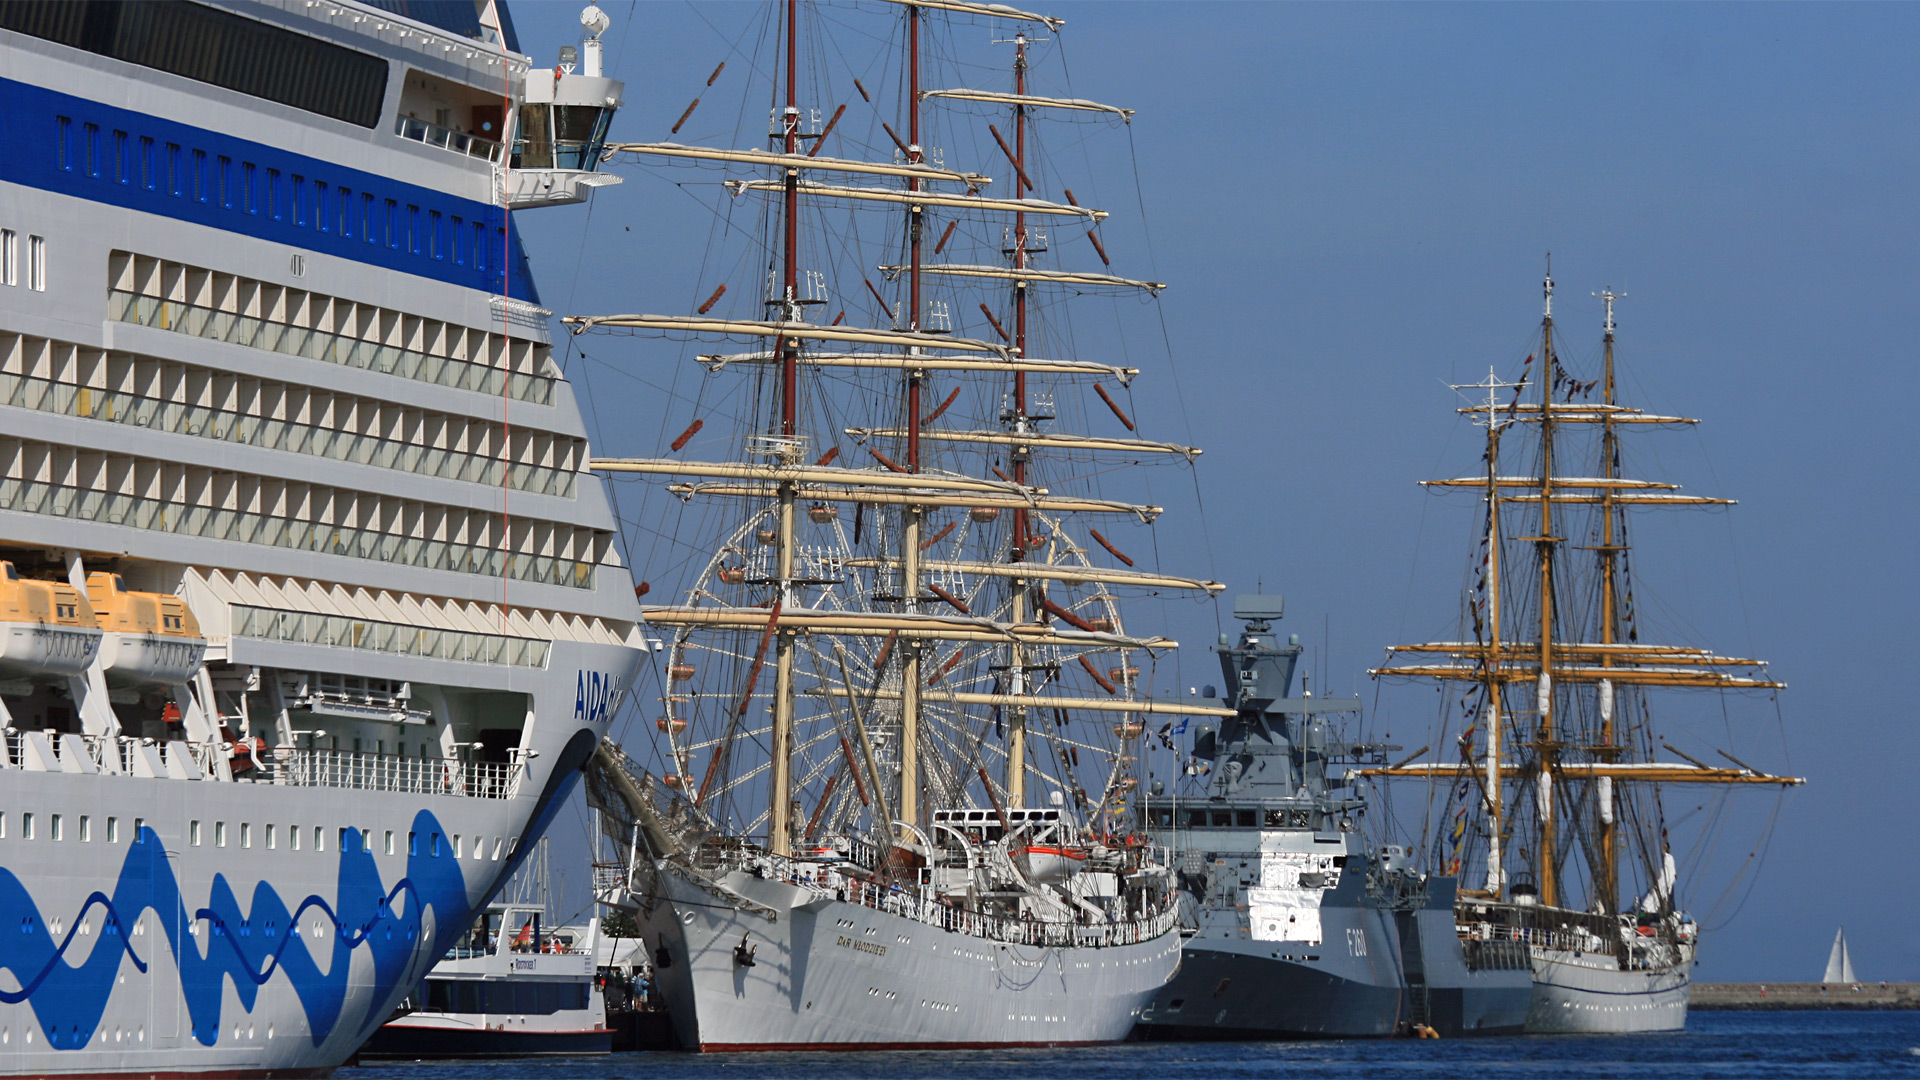 """Der Bug der """"Aida diva"""" lässt die Segelschiffe Gorch Fock und Dar Mlodziezy klein wirken."""